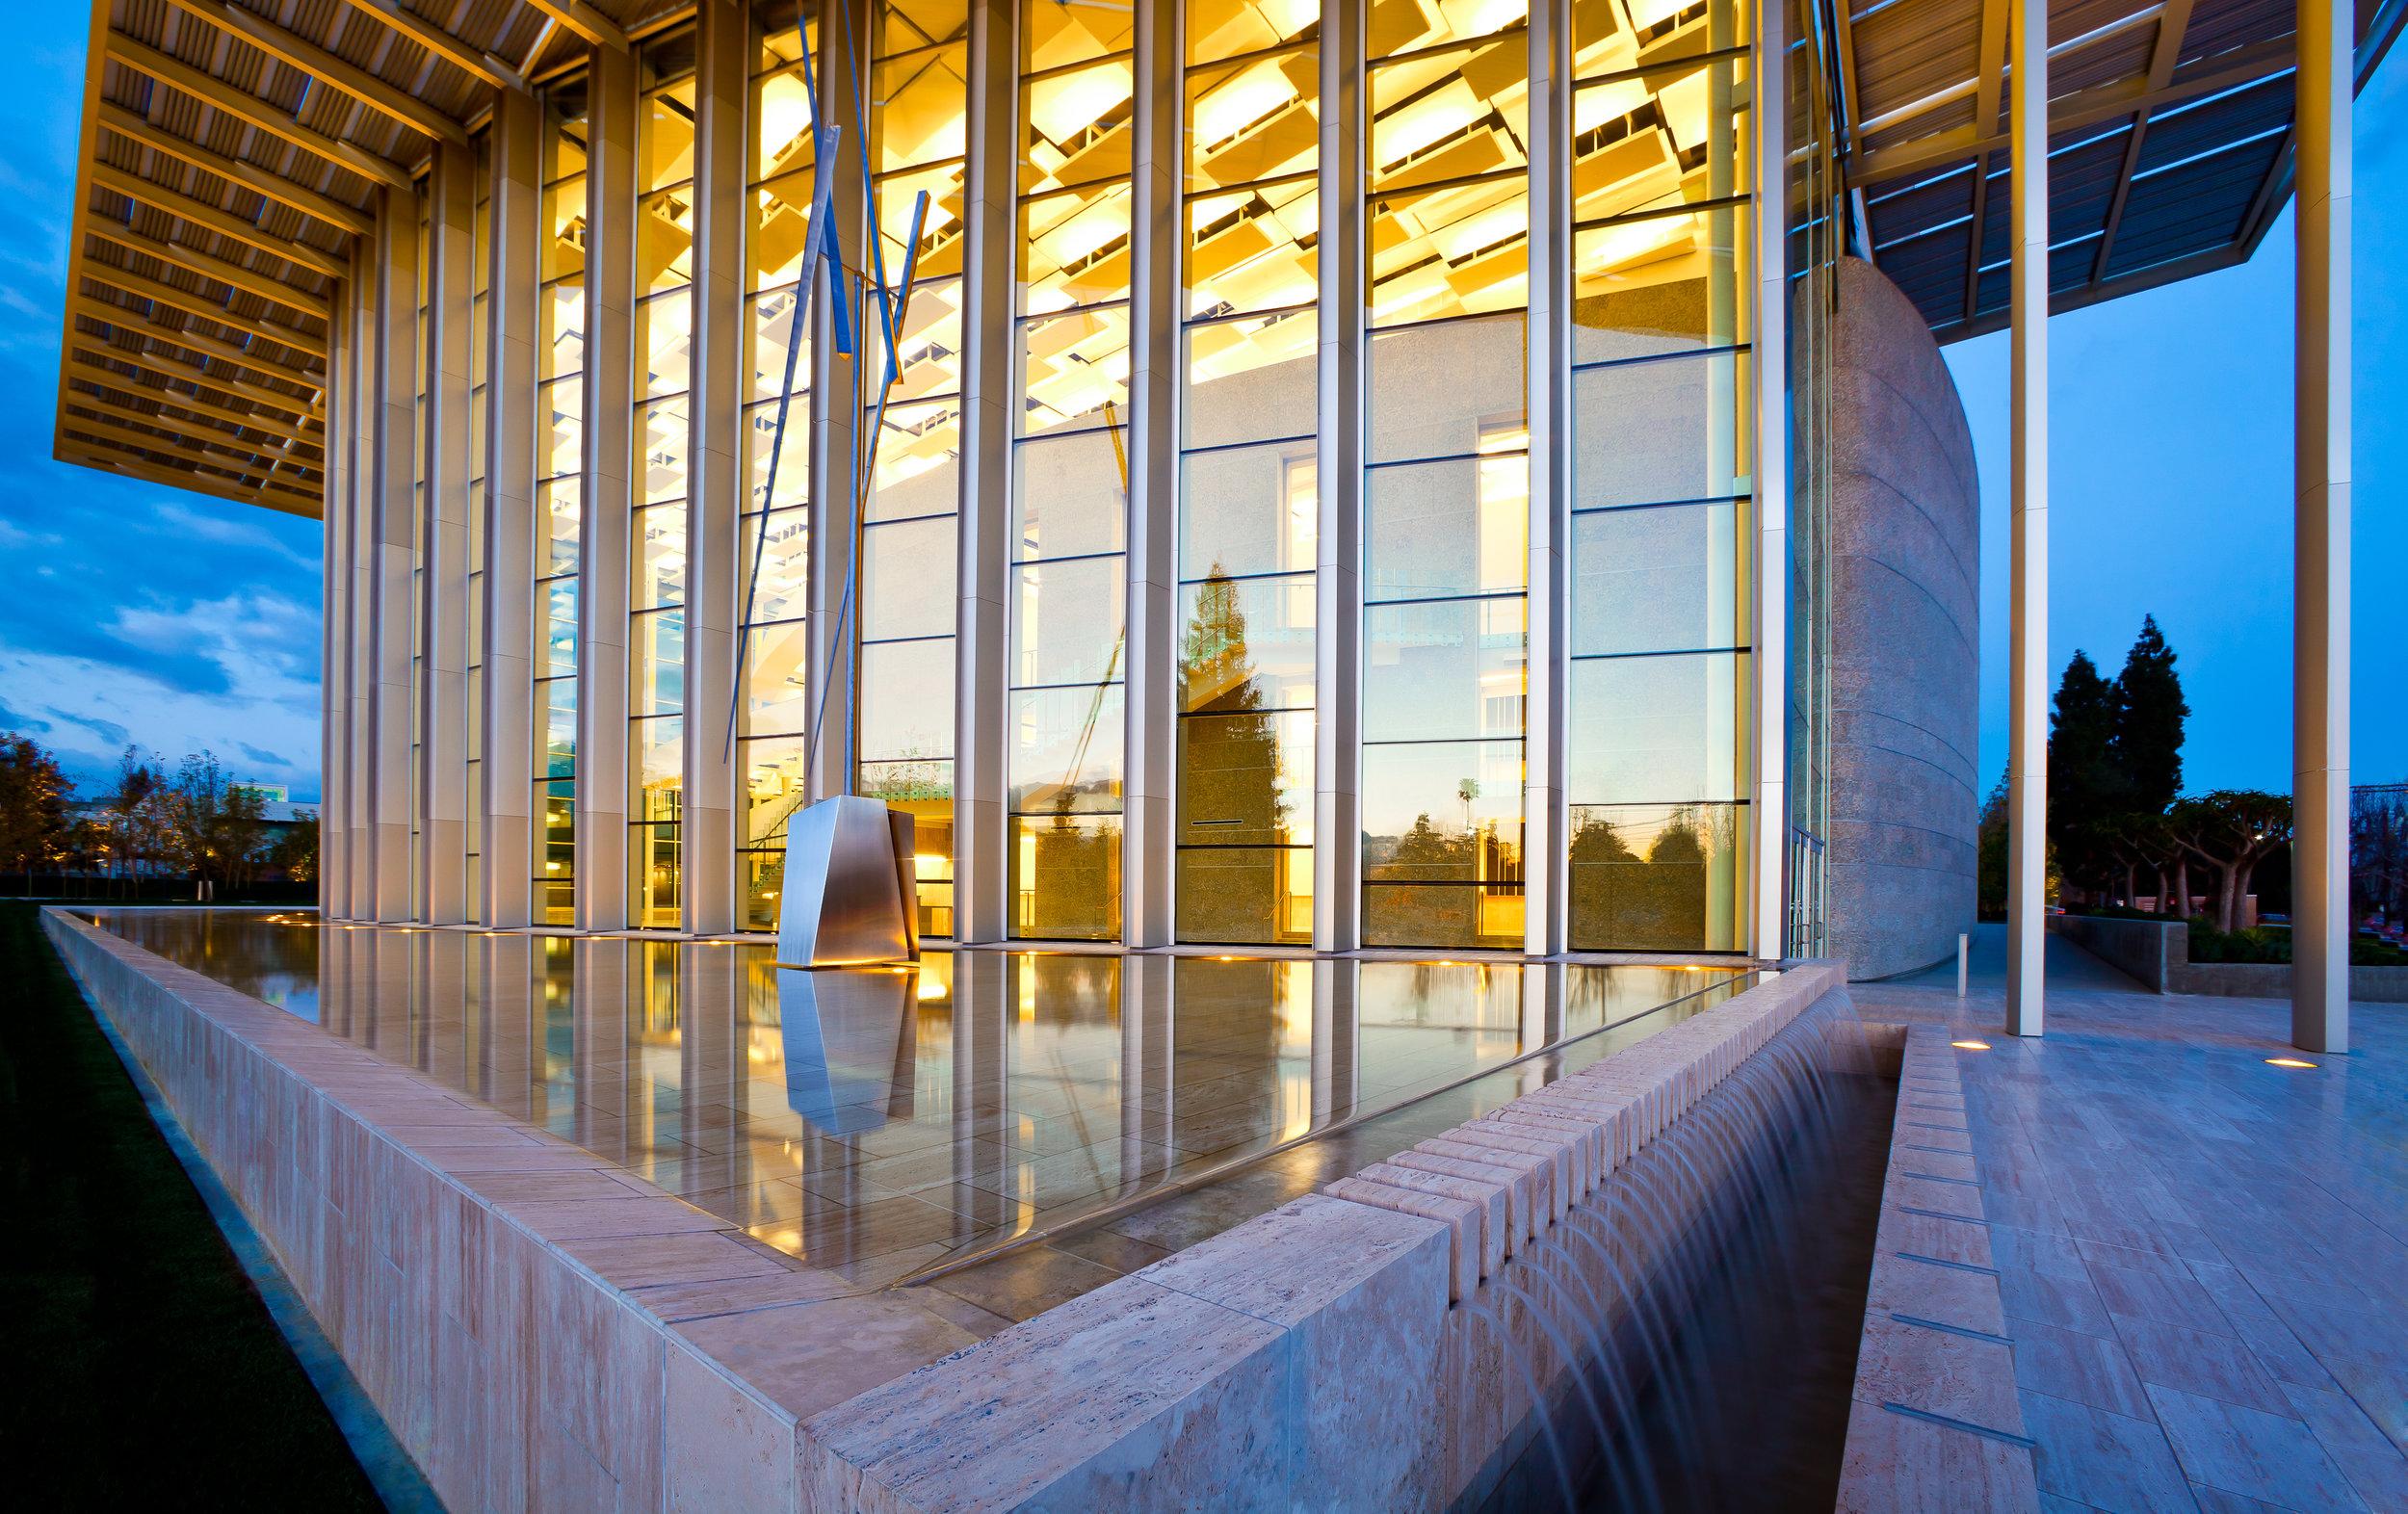 002 Valley Performing Arts Center.jpg